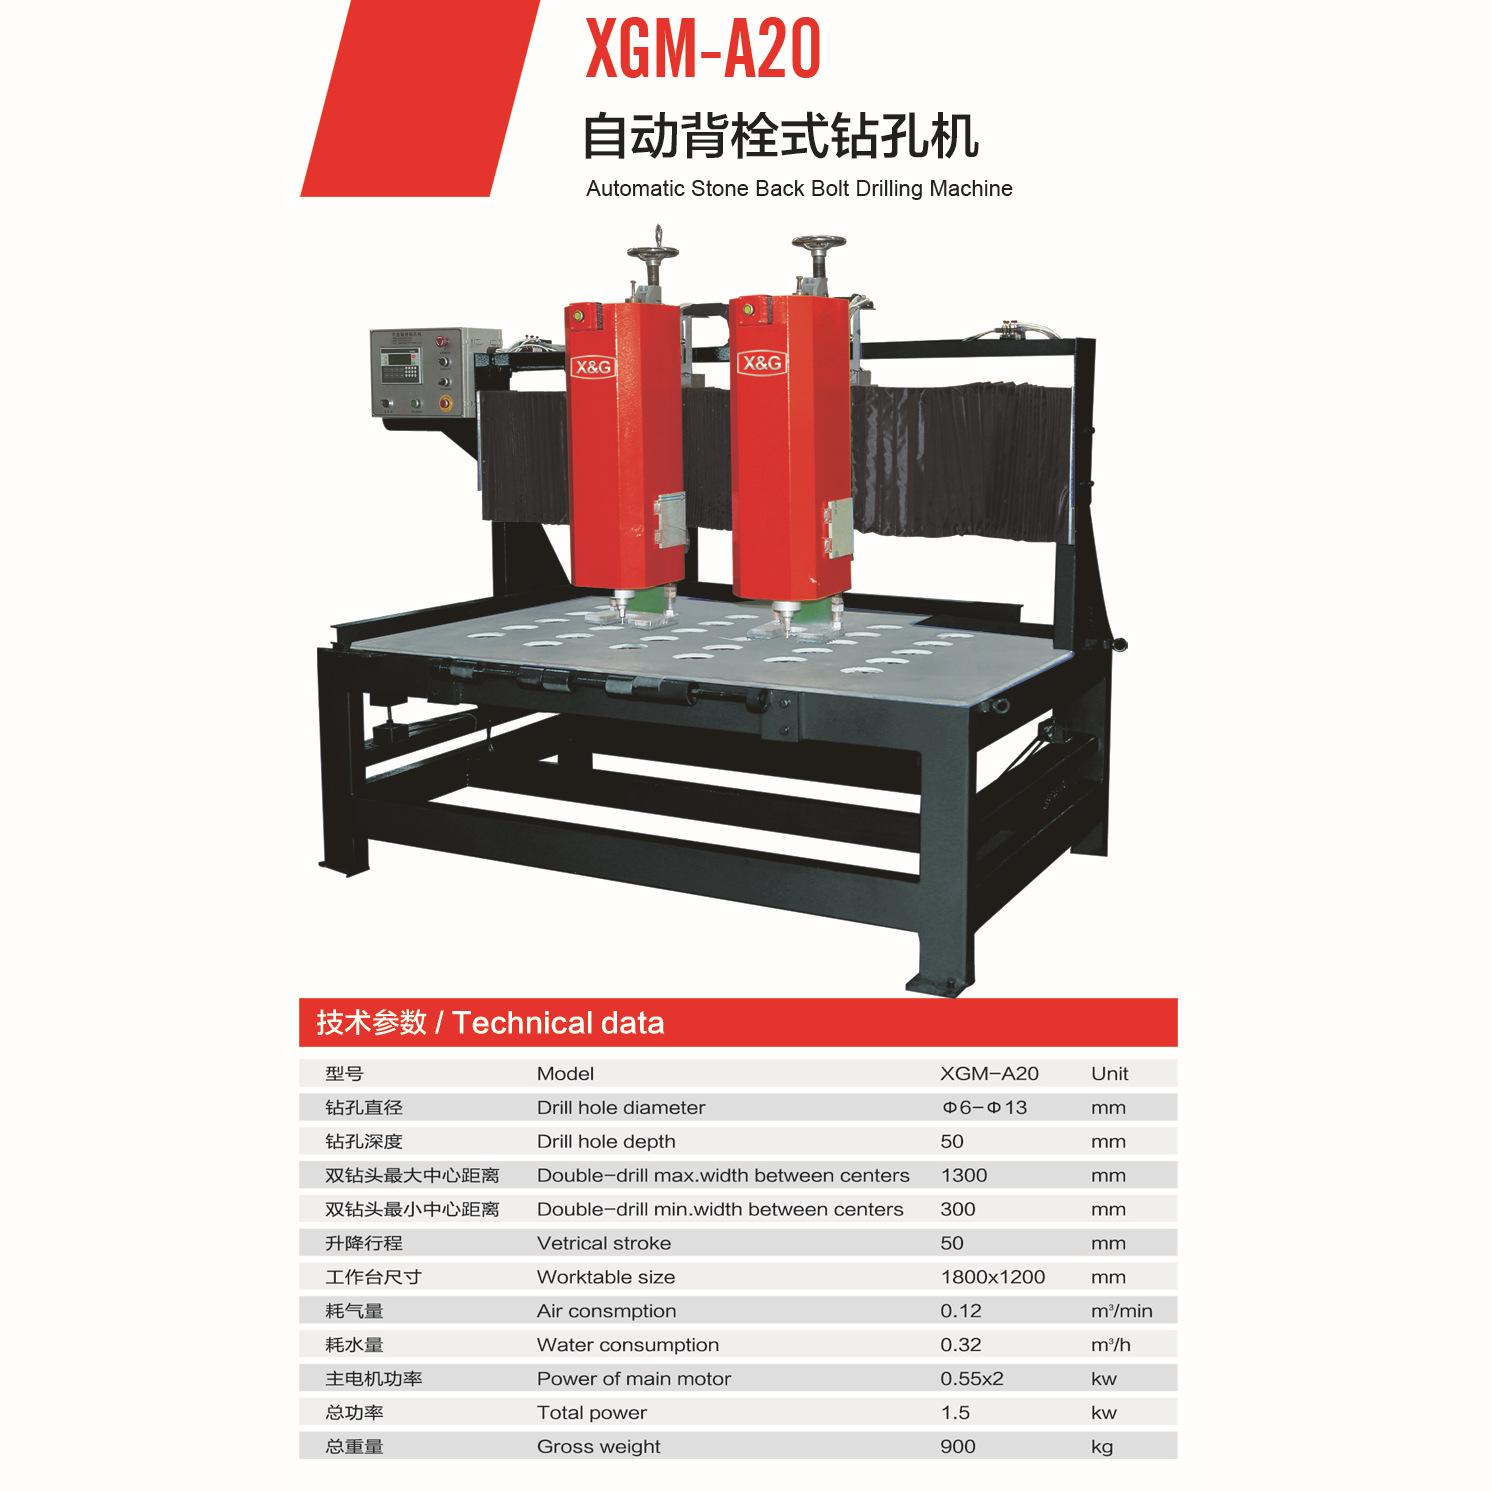 自动背栓式钻孔机 石材切割机 石材设备 石材机械厂家 石材生产